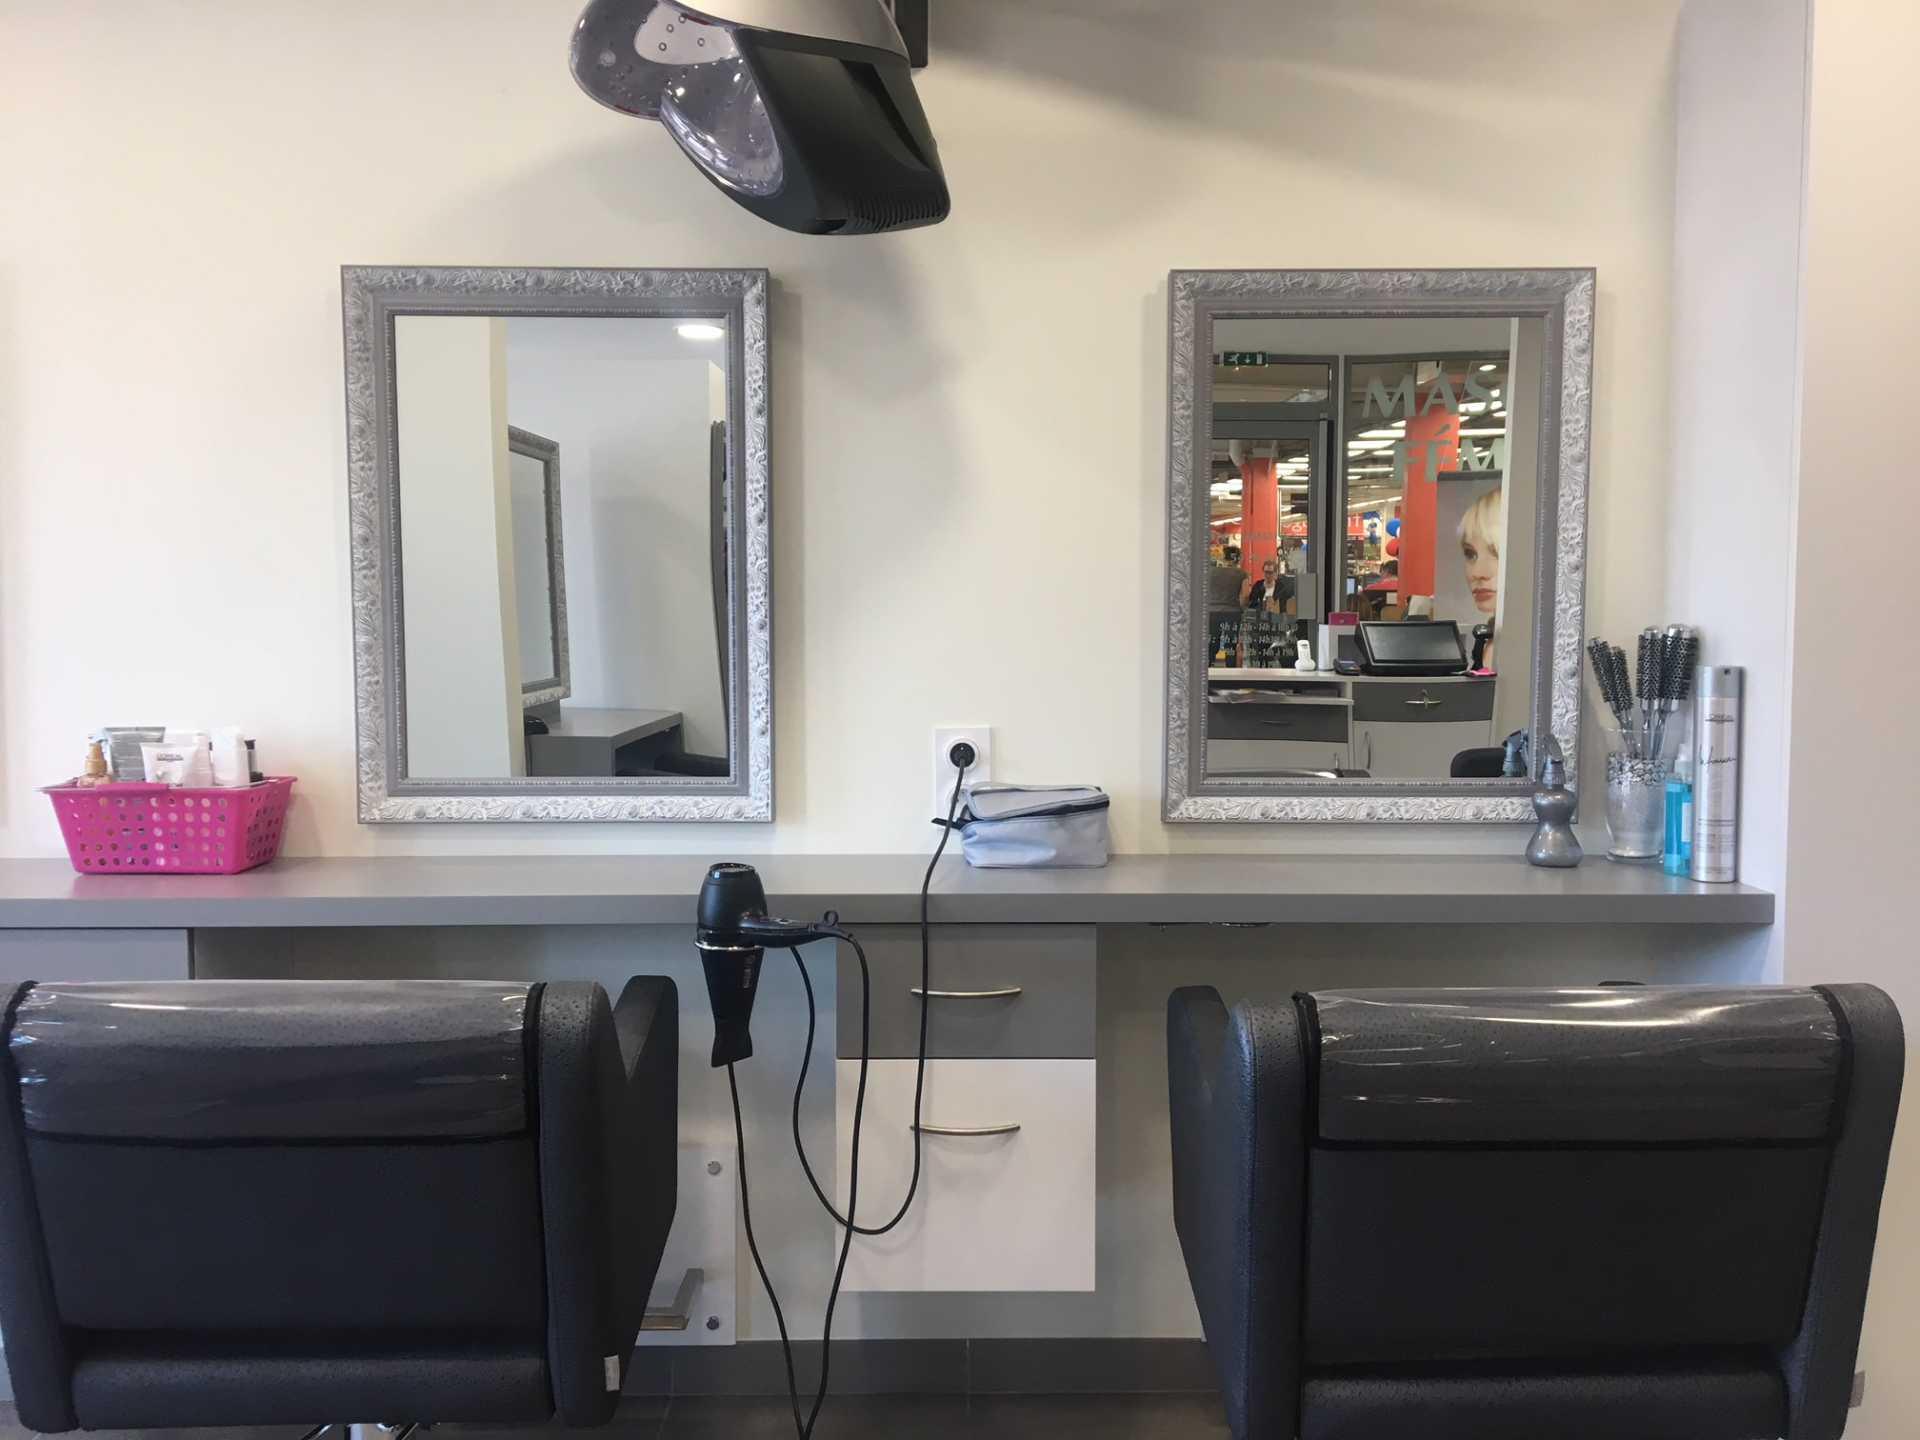 Styl'Coif | coiffeur à La Chaussée-Saint-Victor